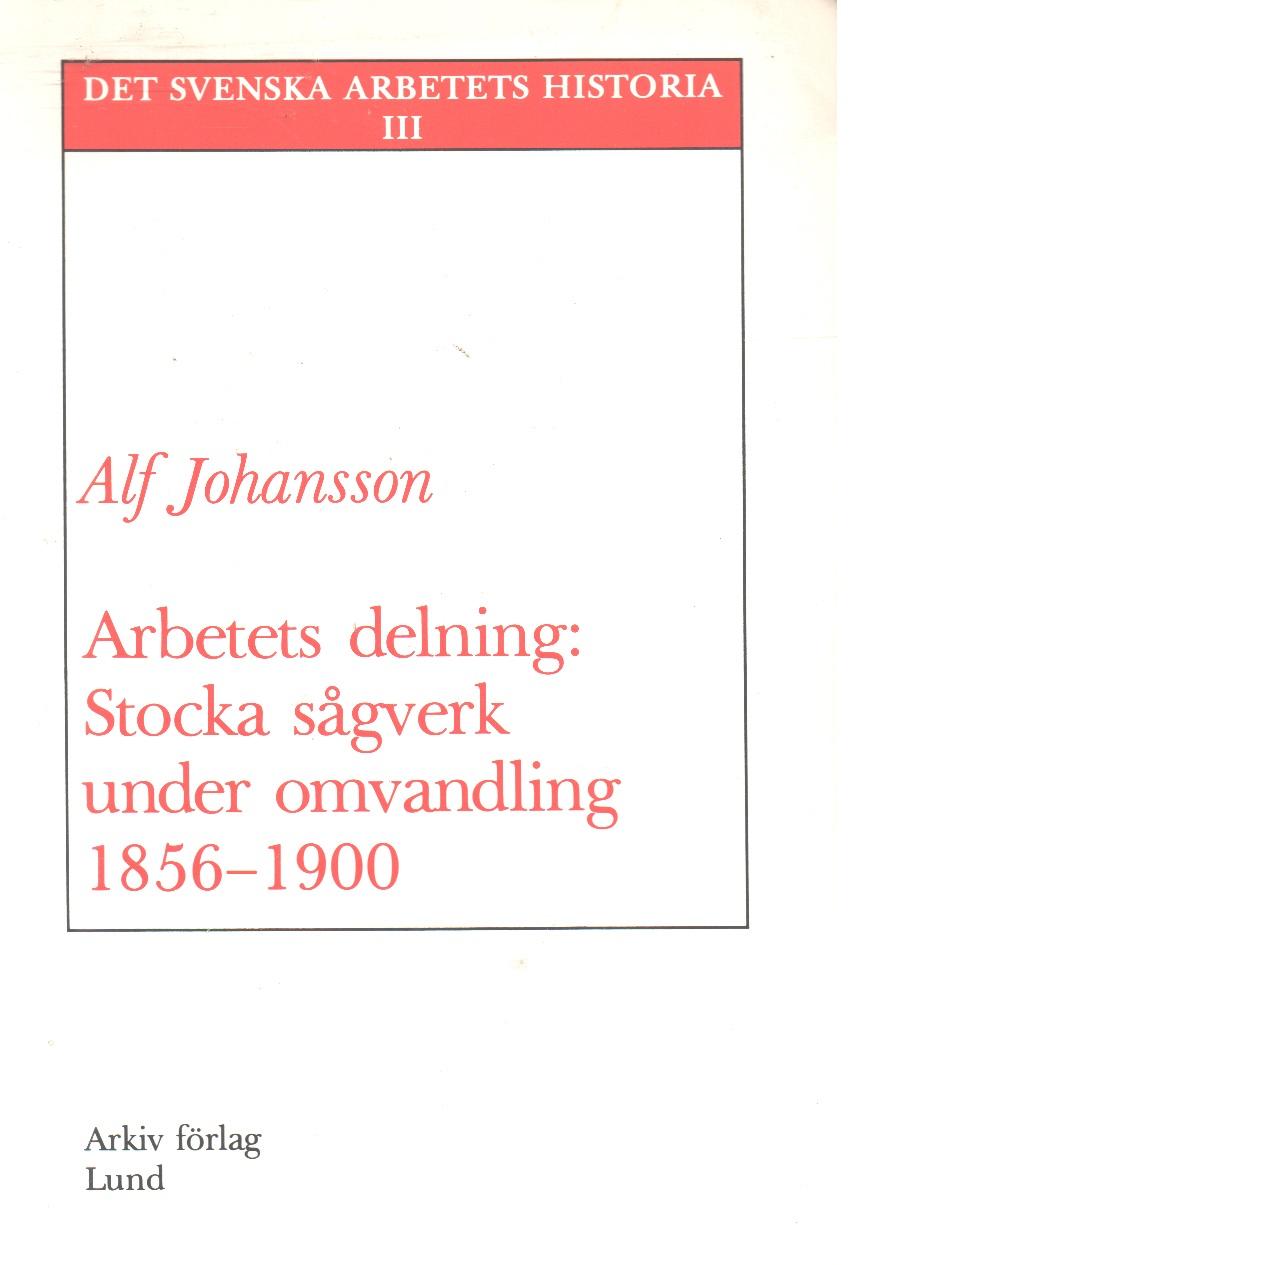 Arbetets delning : Stocka sågverk under omvandling 1856-1900 - 1856-1900 / Alf Johansson. Johansson, Alf O.